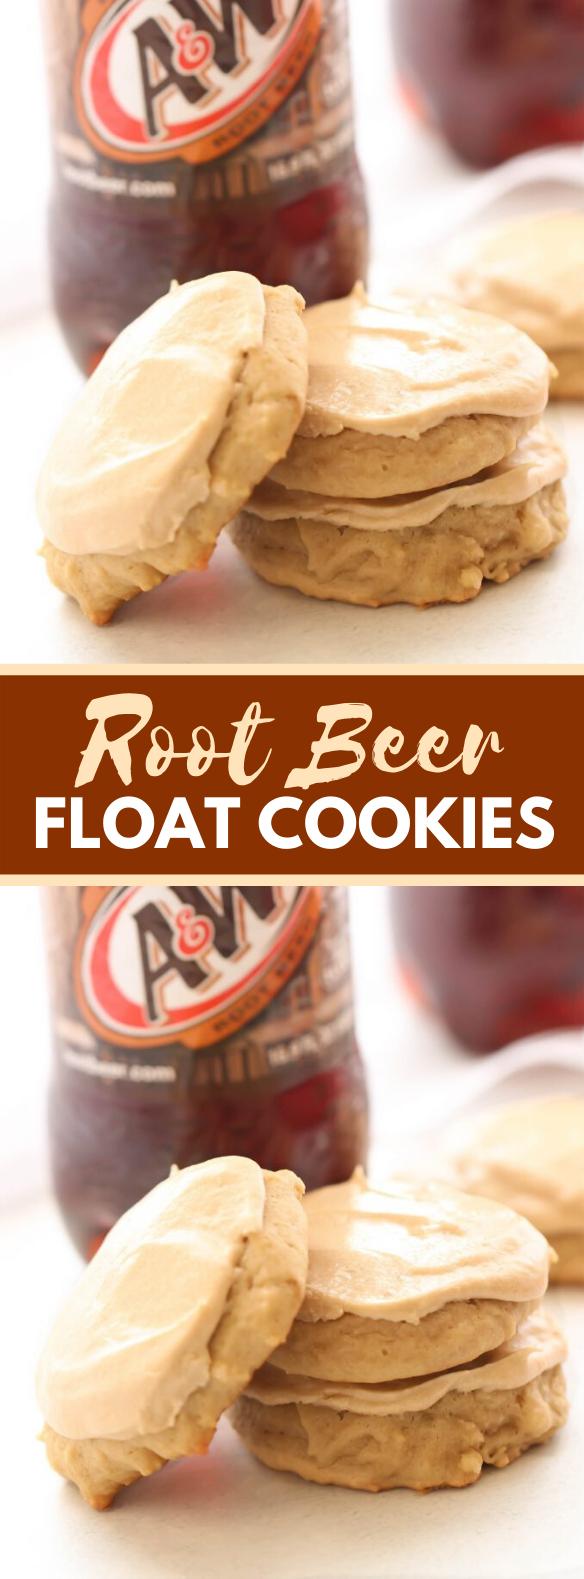 ROOT BEER FLOAT COOKIES #desserts #sweets #cookies #rootbeer #cream #rootbeerfloat